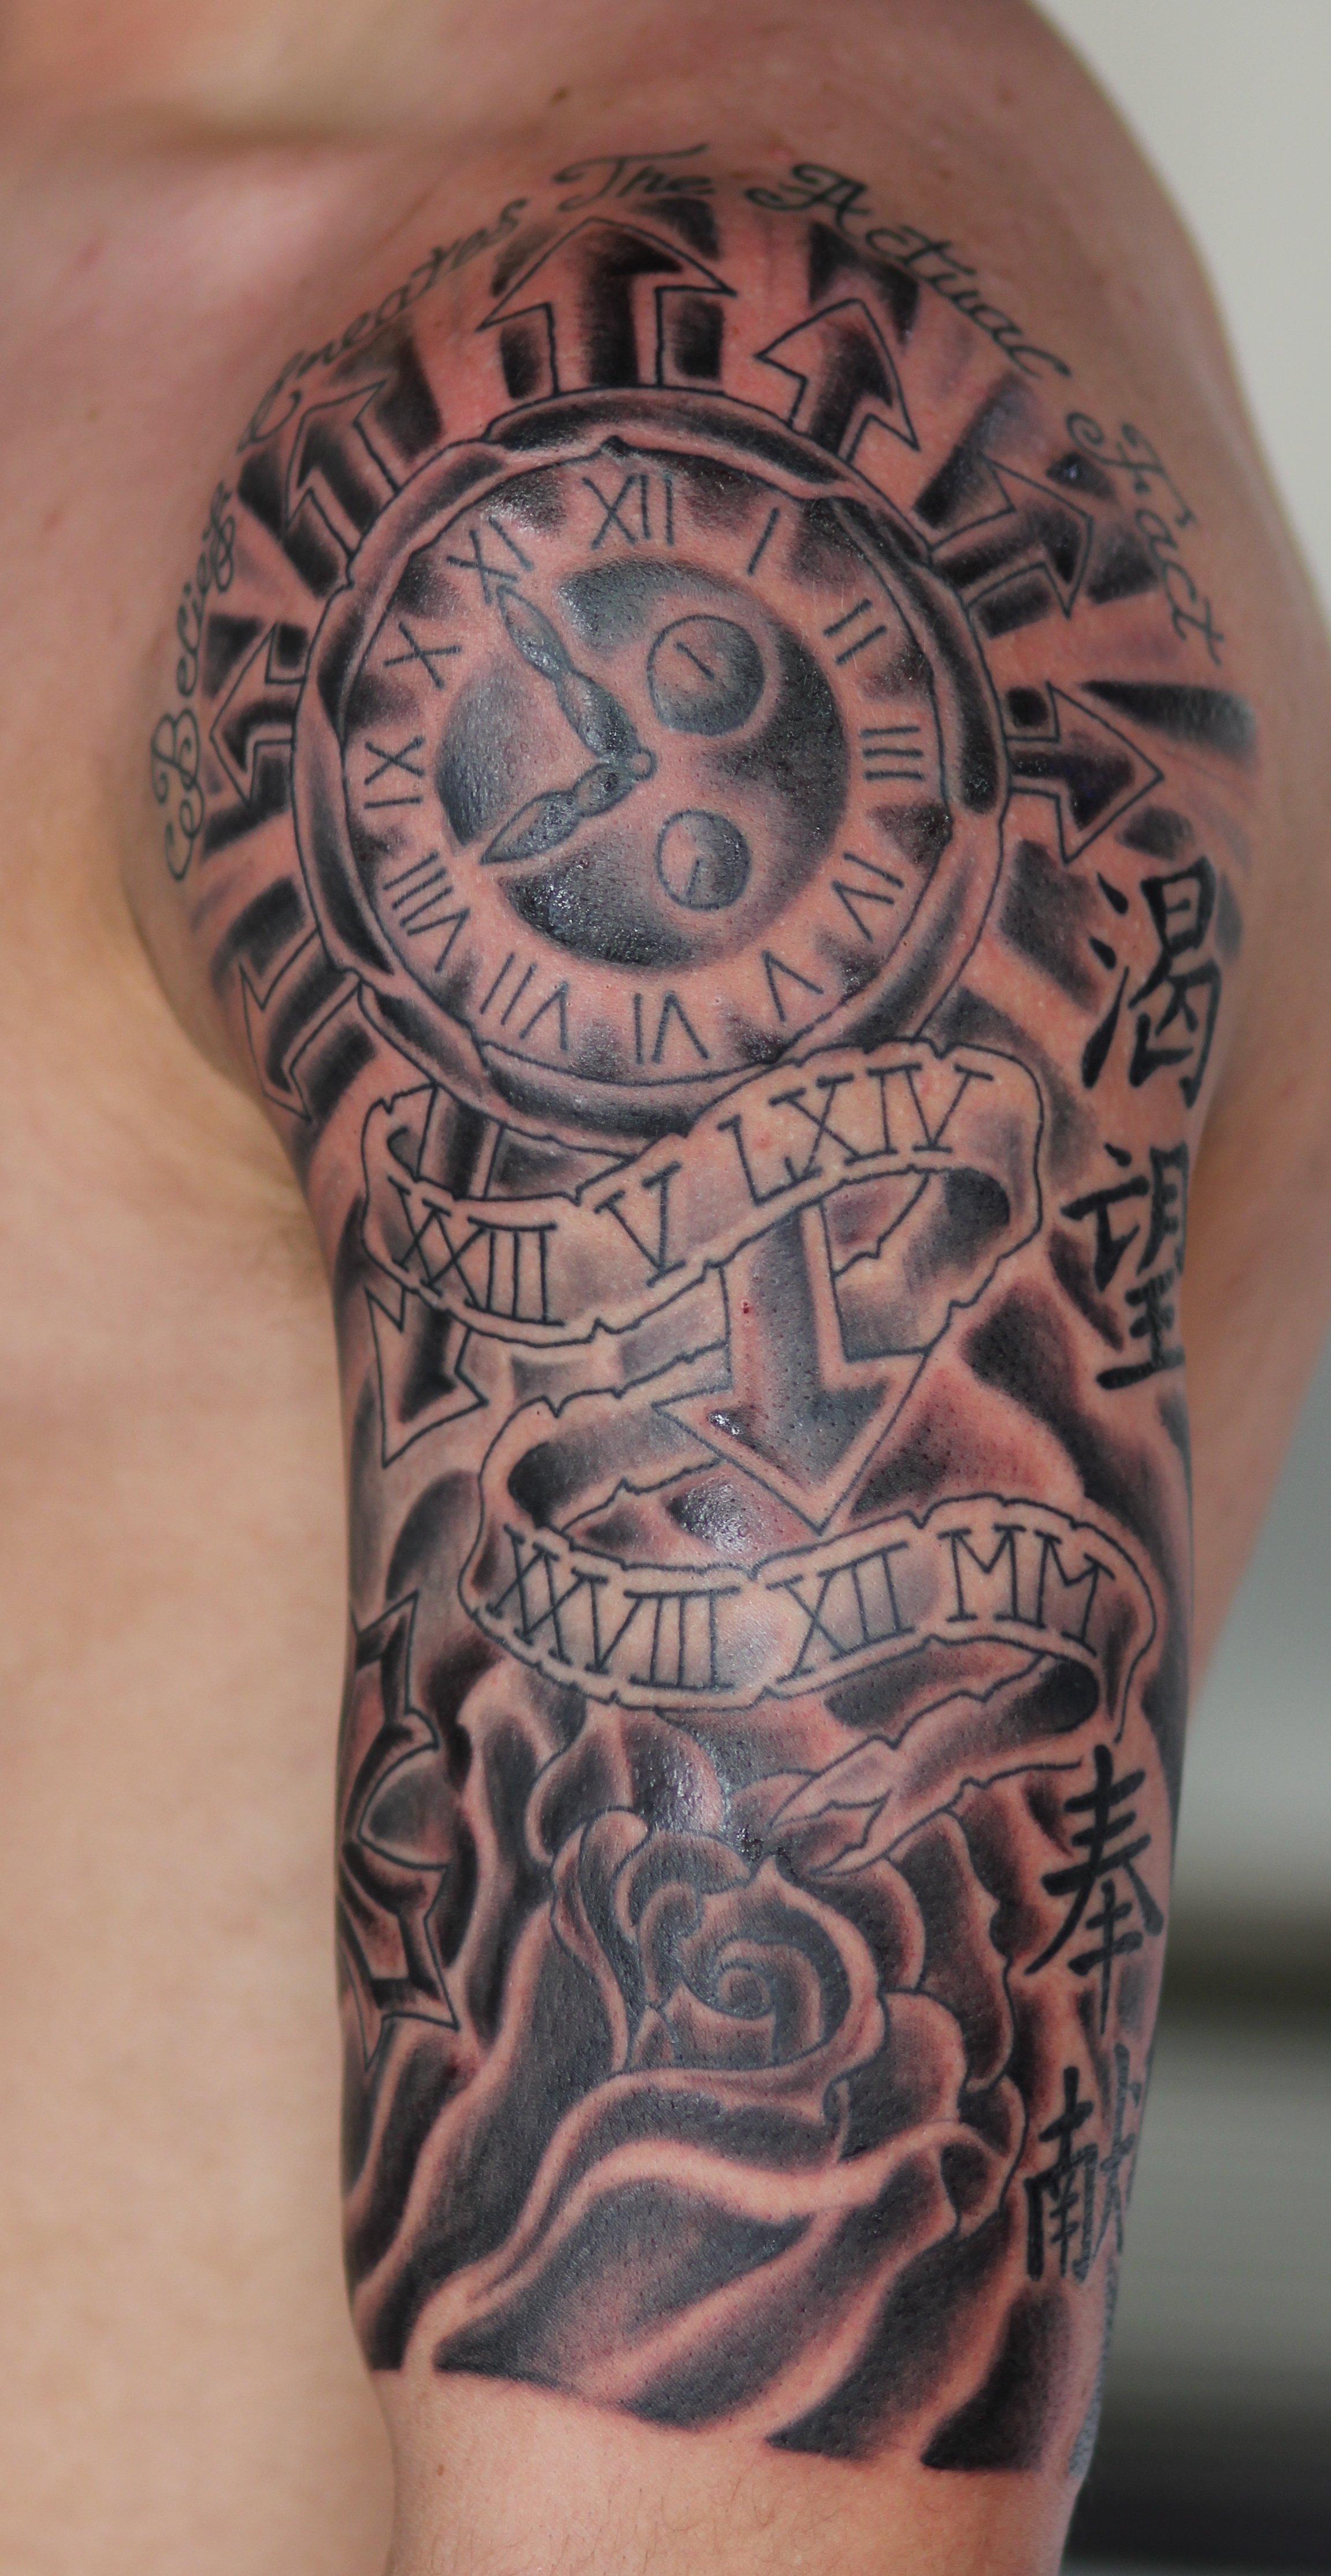 10 Elegant Half Of Sleeve Tattoos Ideas half sleeve tattoos designs tattoo ideas pictures tattoo ideas 1 2021